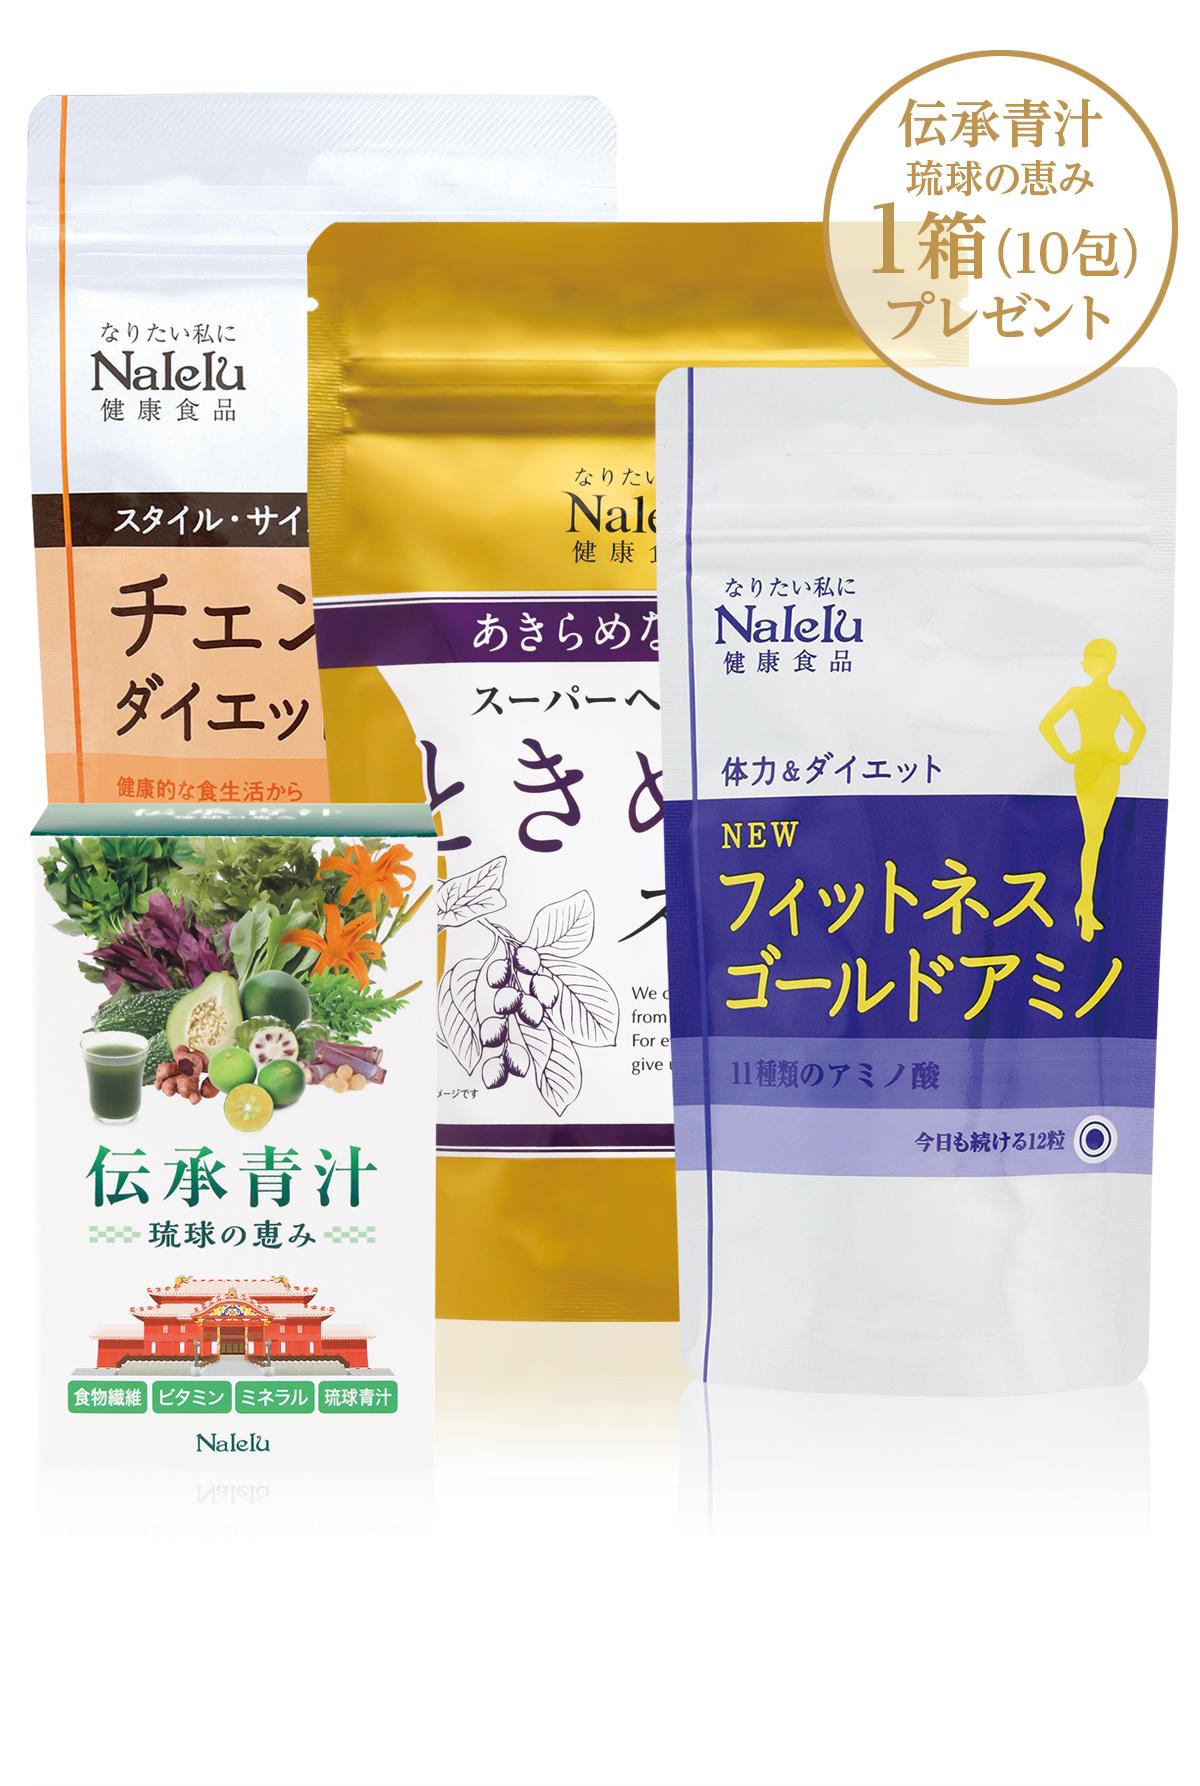 引き締めスーパーセット 伝承青汁1箱(10包)プレゼント